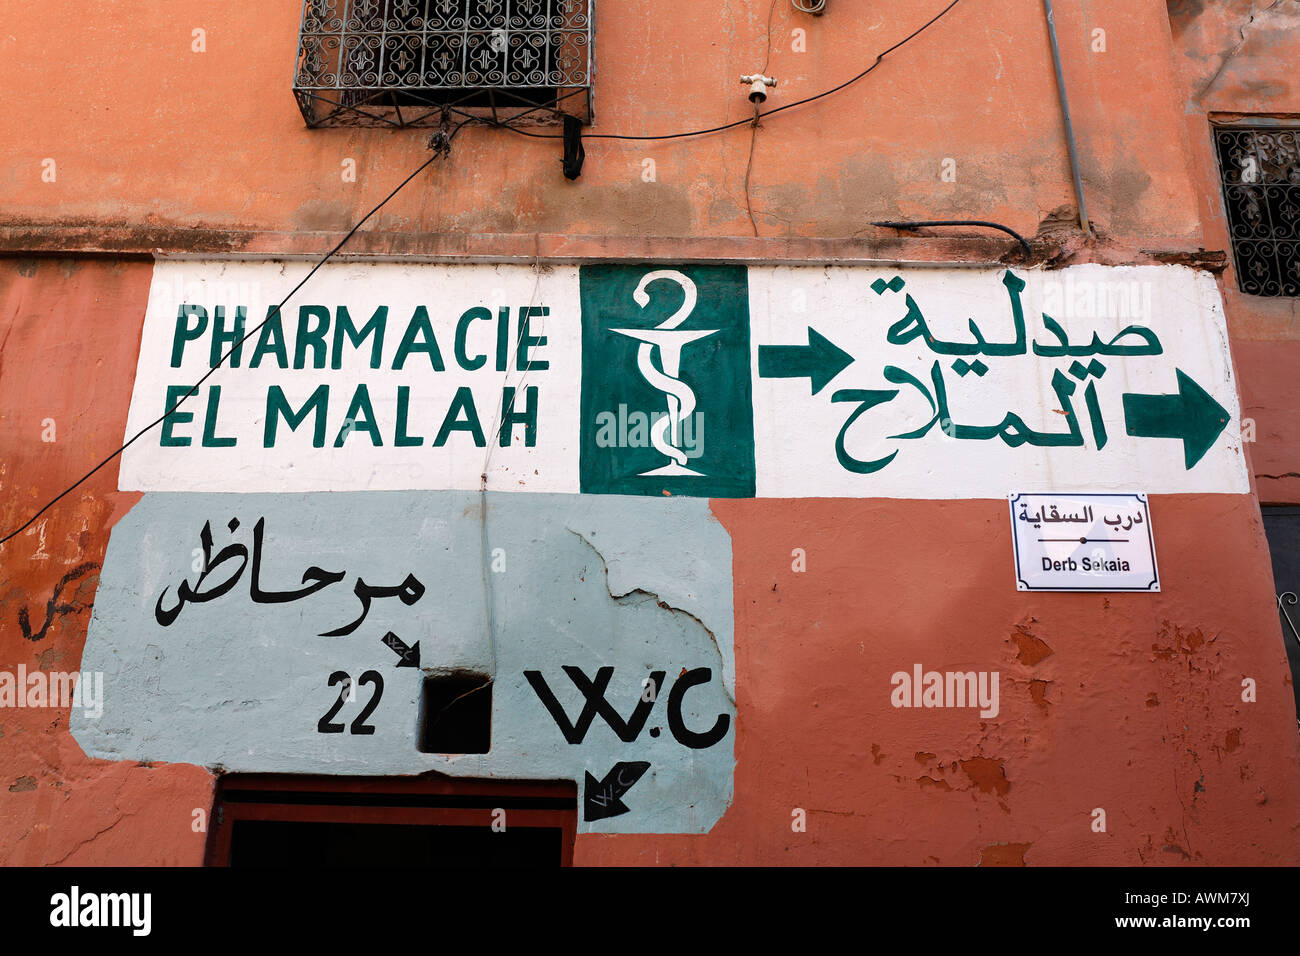 Finger post Apotheke und Wc, an eine Wand gemalt, alten jüdischen Viertel Mellah, Medina, Marrakesch, Marokko, Stockbild